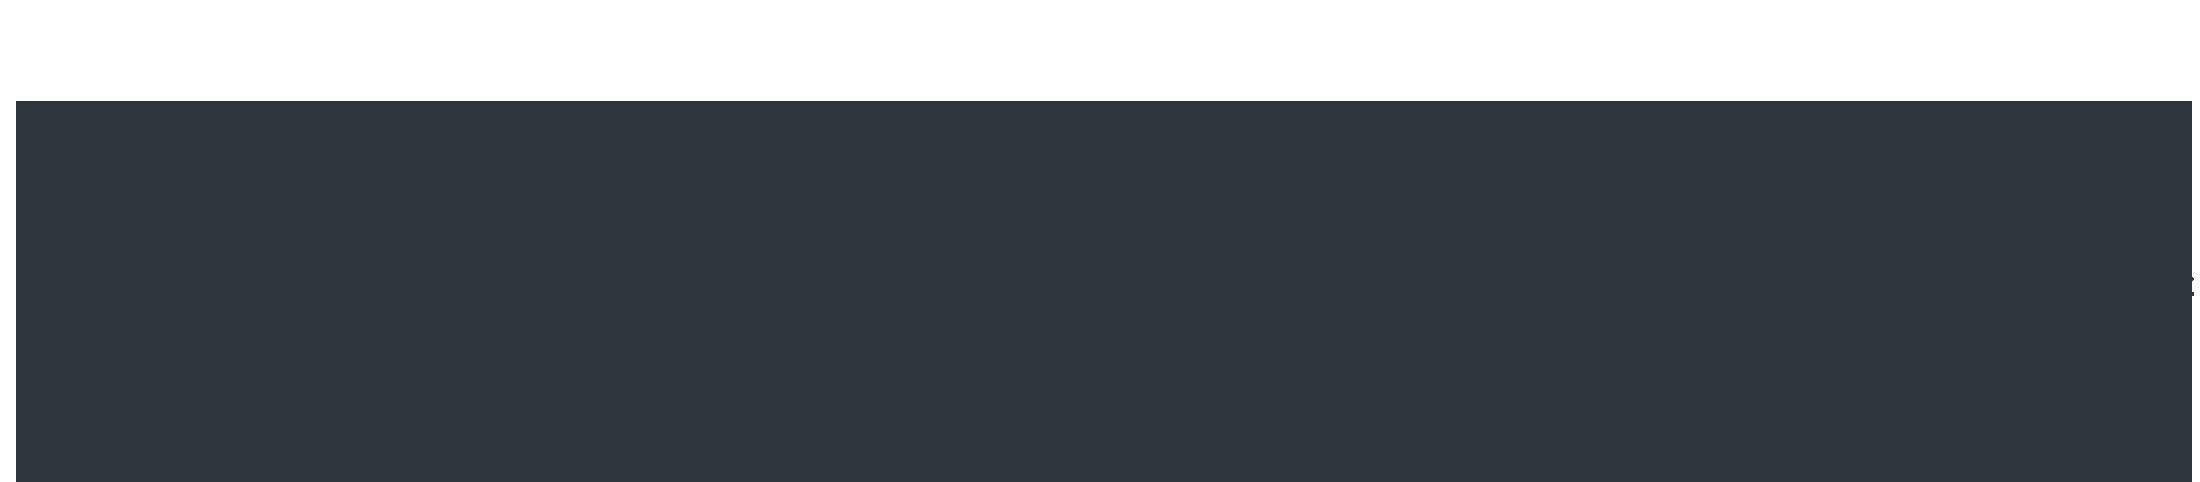 Bandeau gris fonce 2 v3